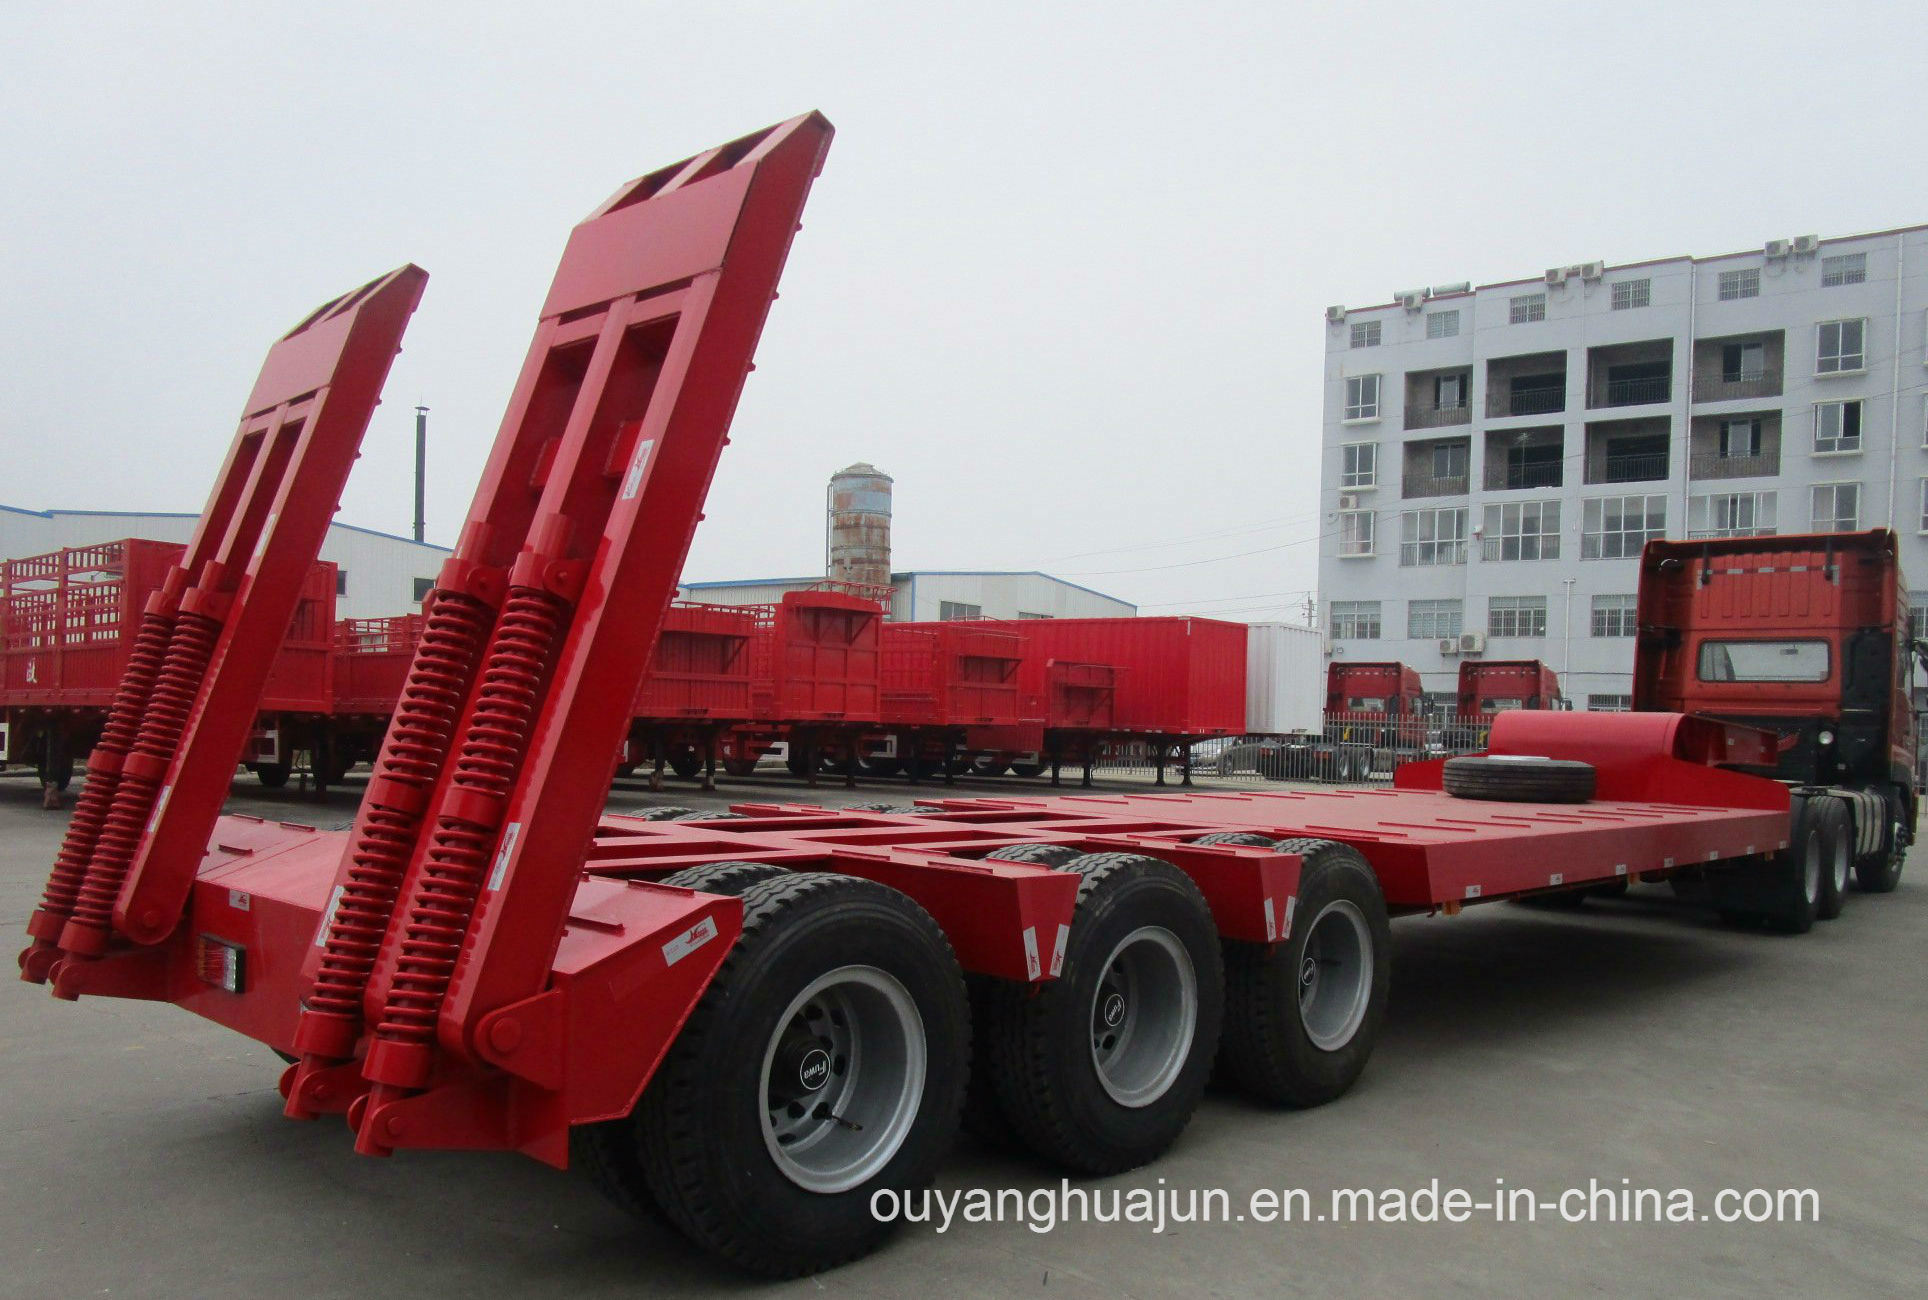 3 Axles Gooseneck Excavator Carrier Vehicle Semitrailer